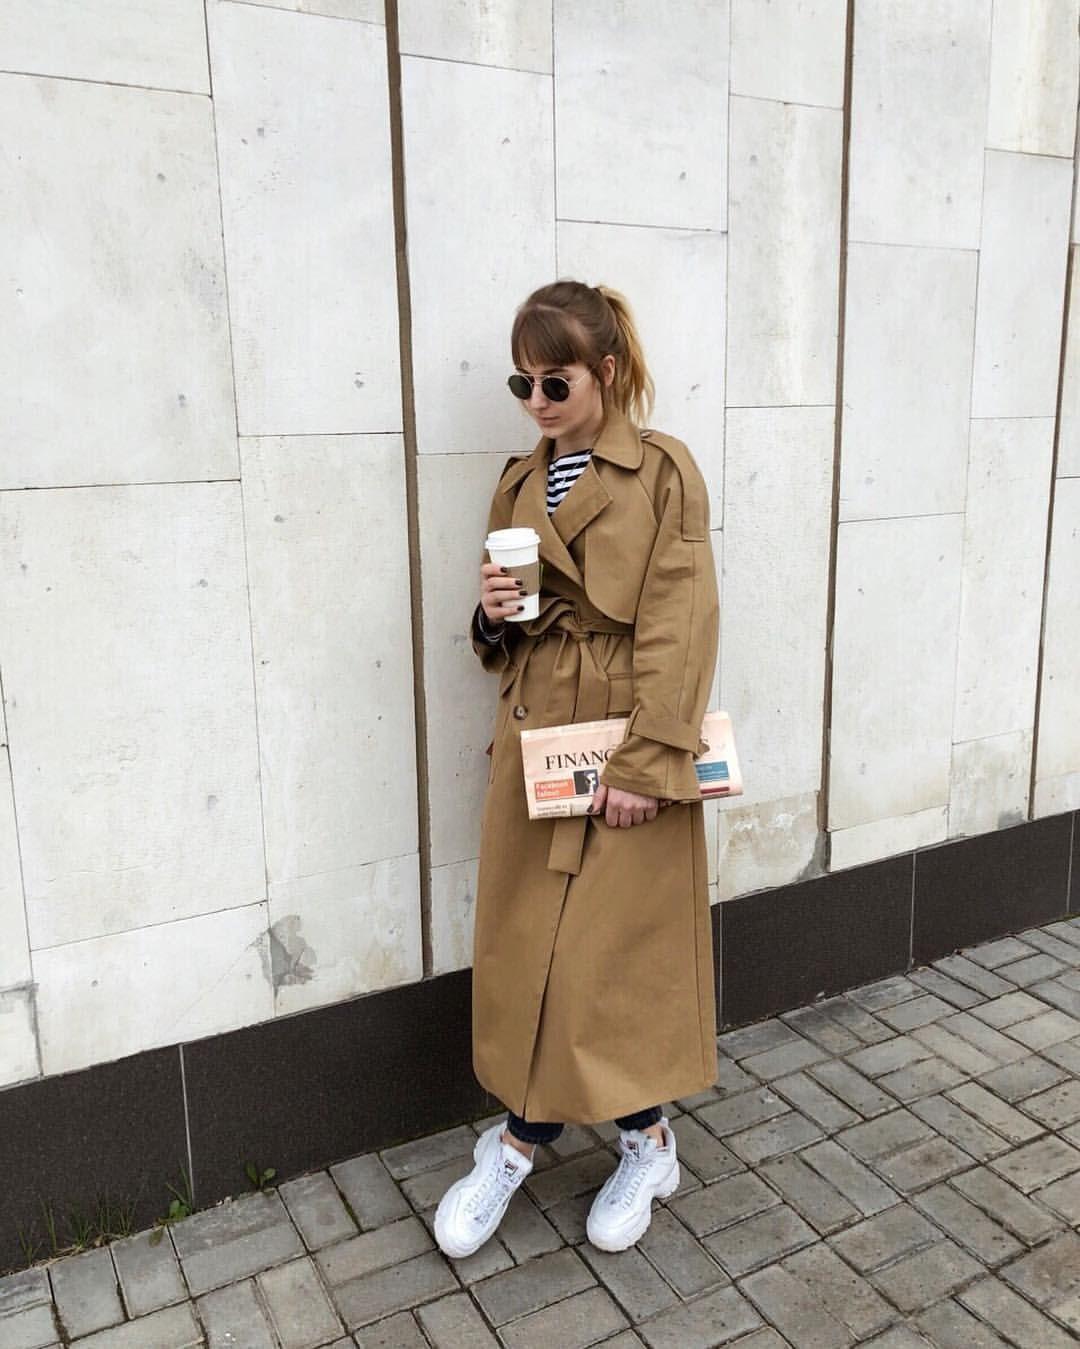 Классический бежевый тренч - самая актуальная вещь в гардеробе весной🌿 Он  прекрасно подойдёт как к платью, так и к джинсам… | Fashion, Womens  fashion, Street style